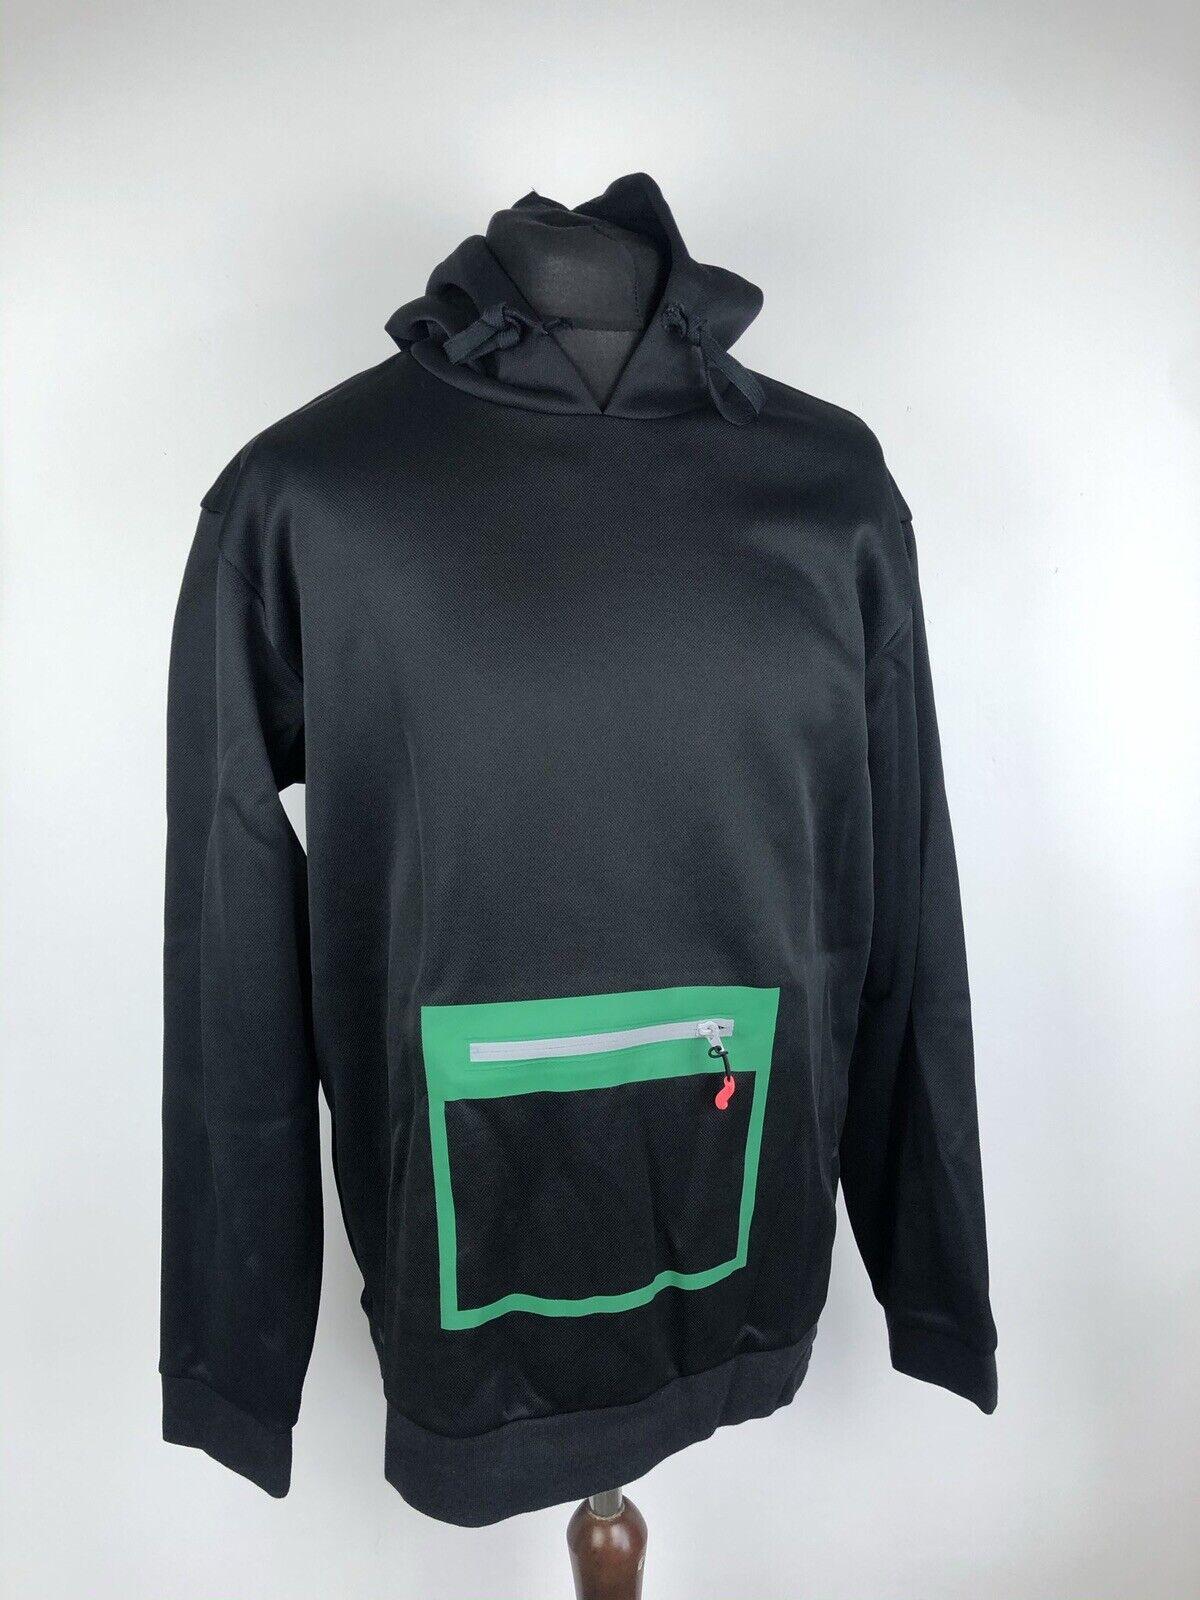 Adidas Originals EQT Macadam Pullover Mesh Hoodie Size Medium